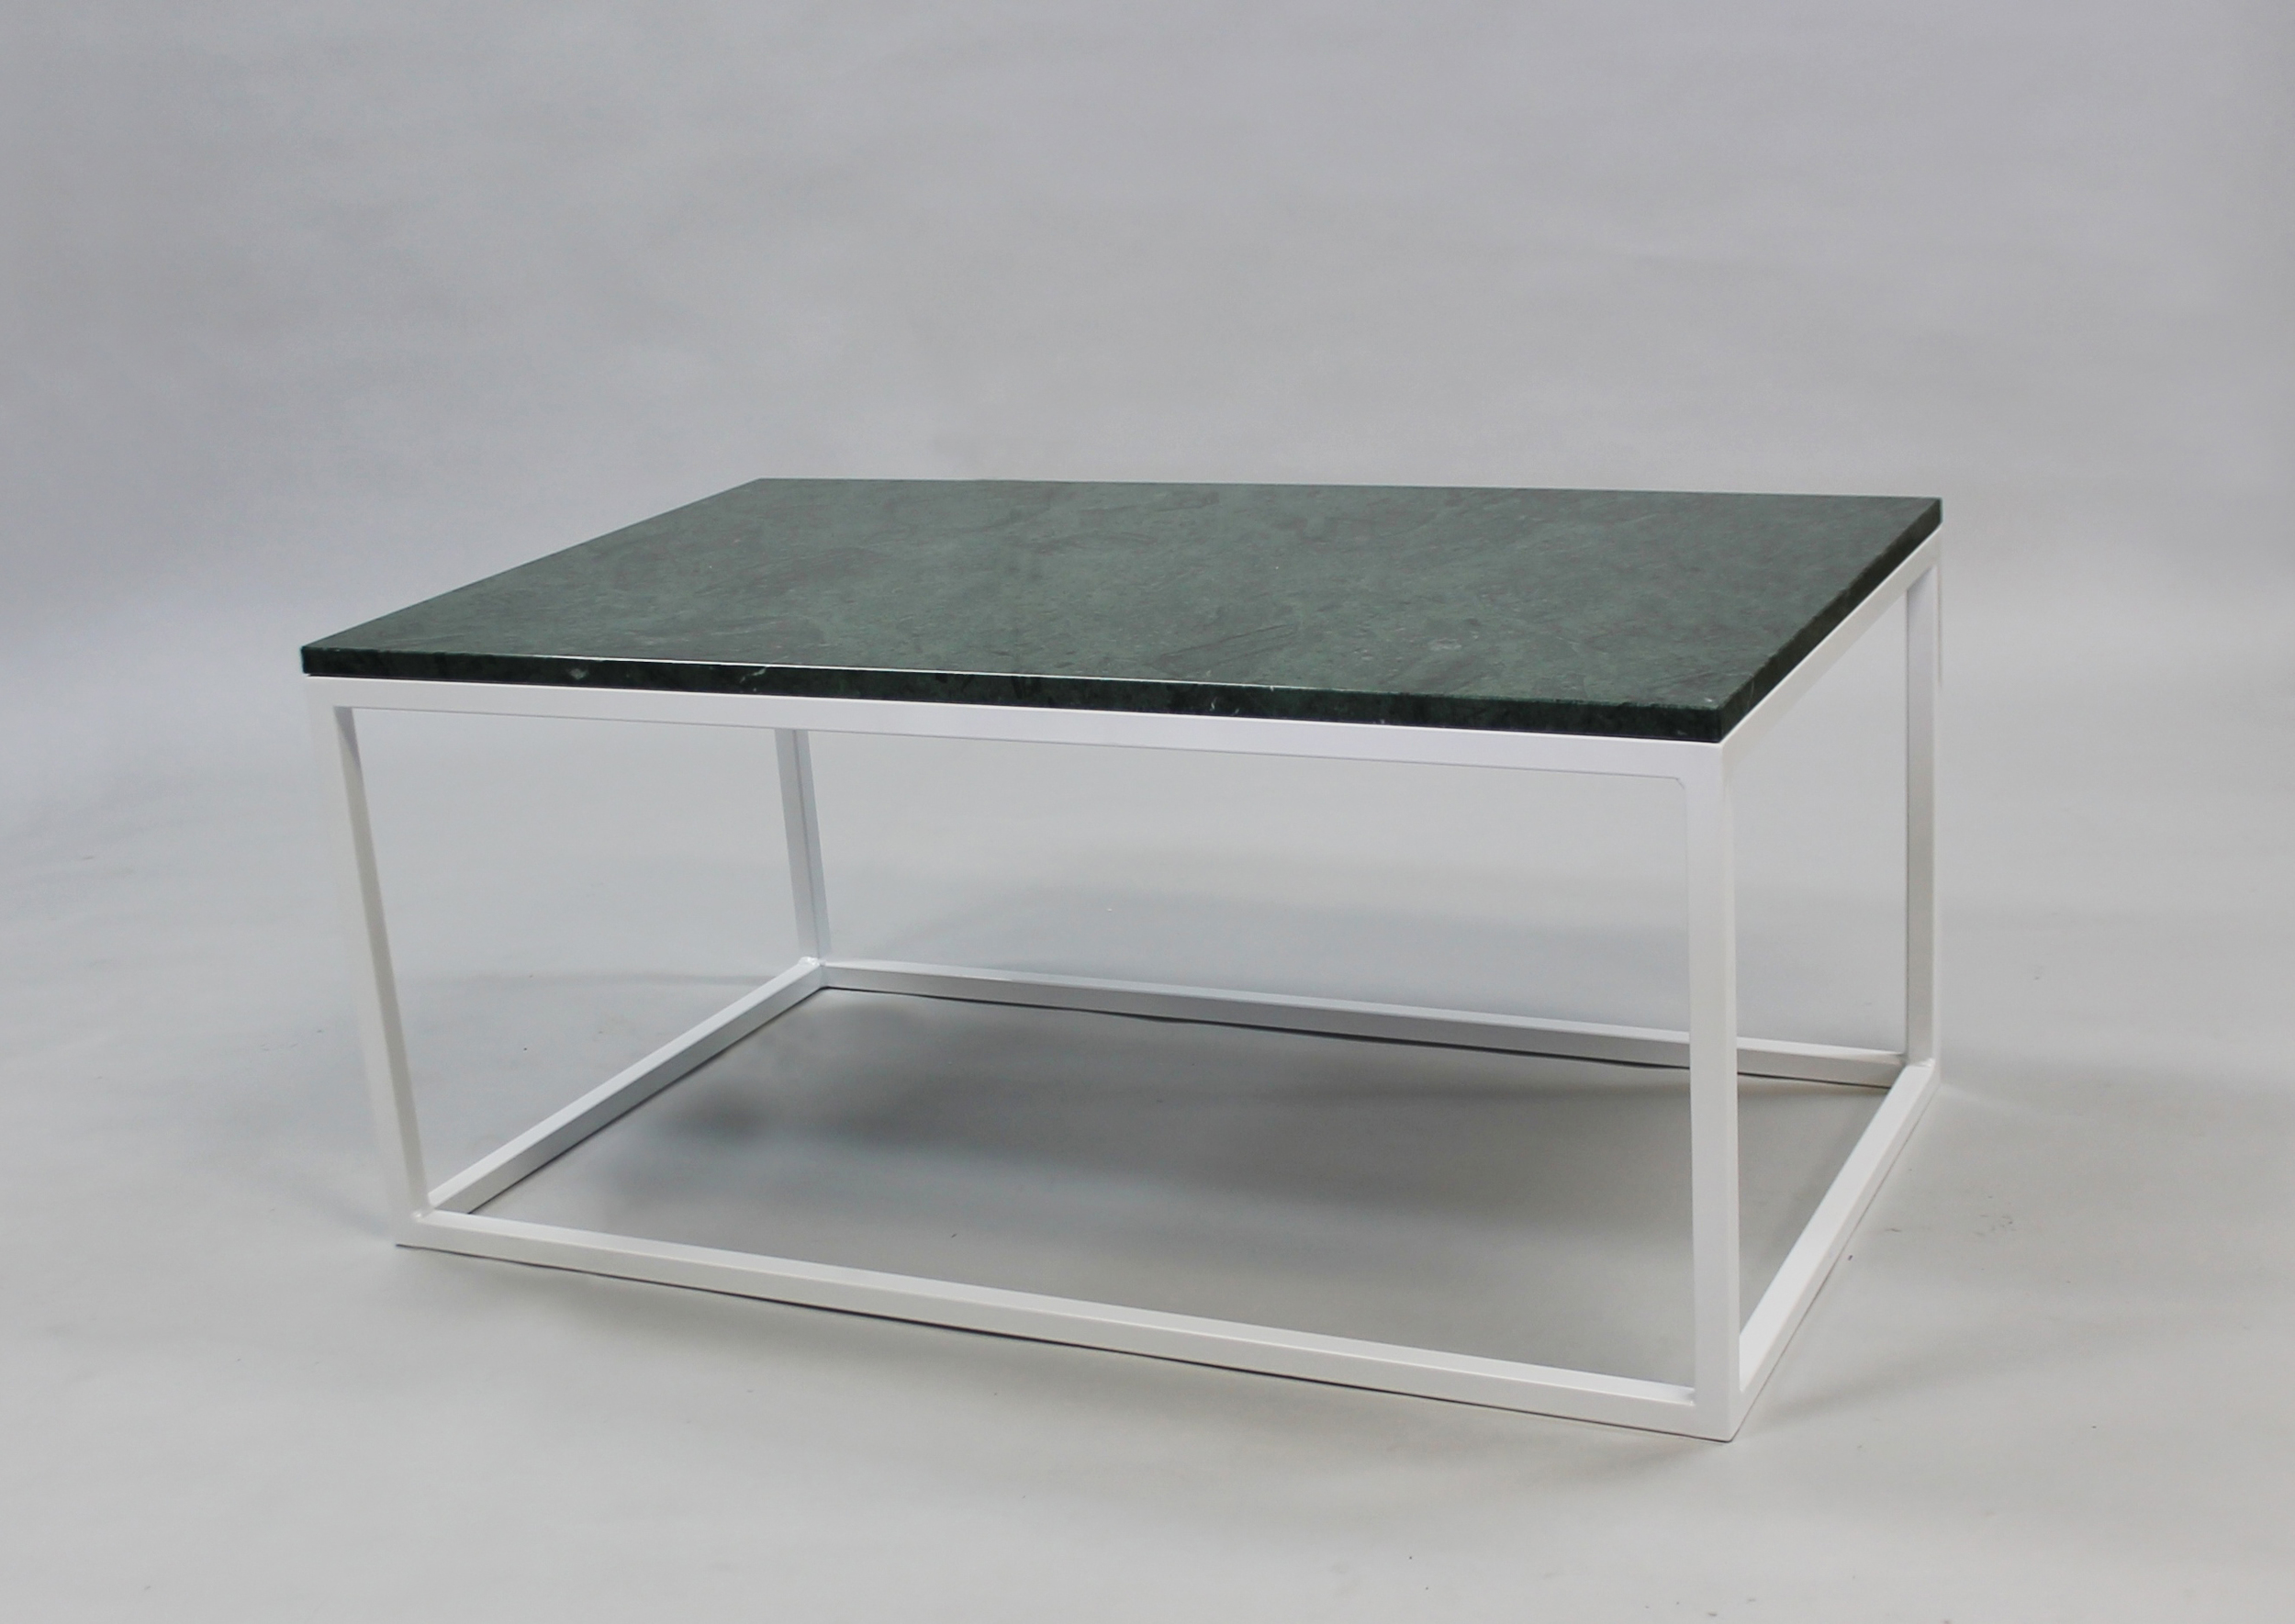 Marmorbord, grön - 100x60 x  45  cm, vitt underrede kub   Pris  6 000 :-  inkl frakt  Pris nu 4000:- inkl frakt    Finns även i 120x60 cm -   pris 7 000:- inkl frakt   Pris nu 4500:- inkl frakt